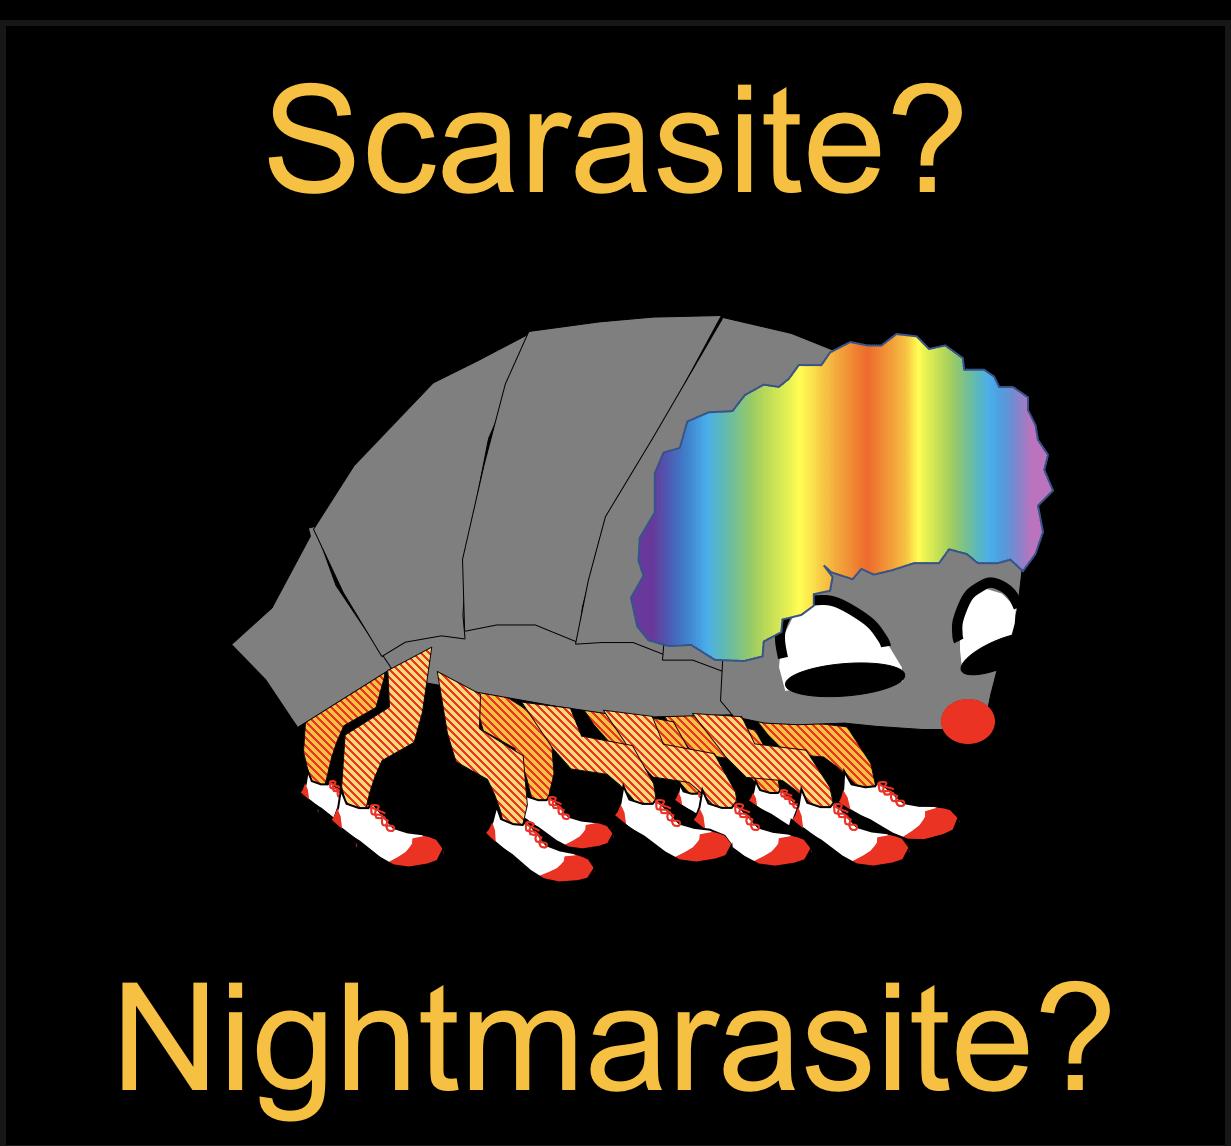 Scarasite